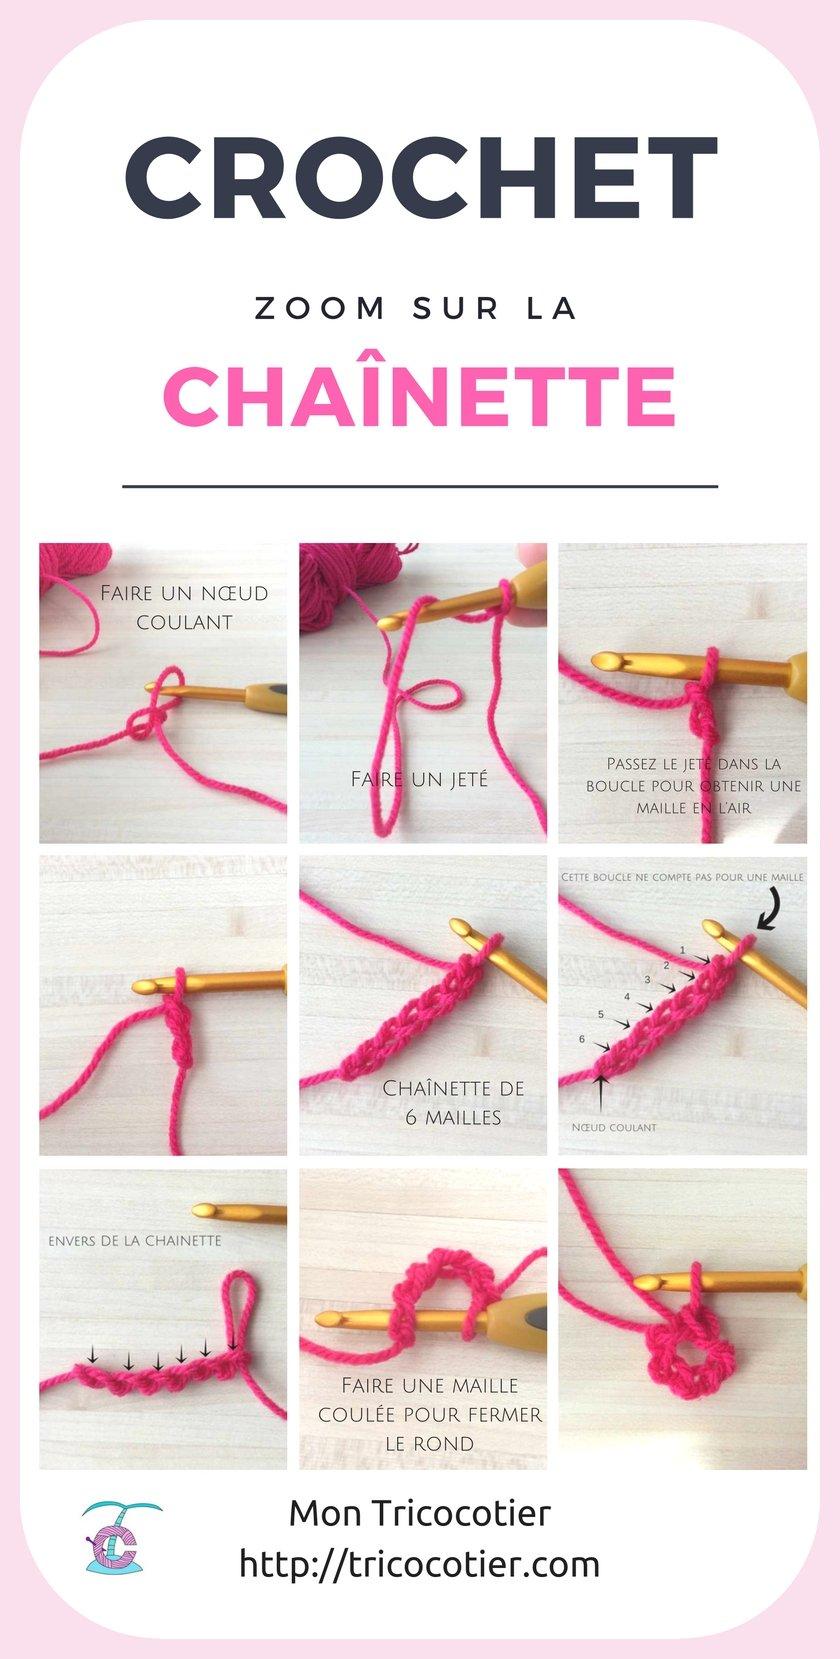 Infographie Pinterest Crochet Zoom sur la chainette tuto en photos pour débuter